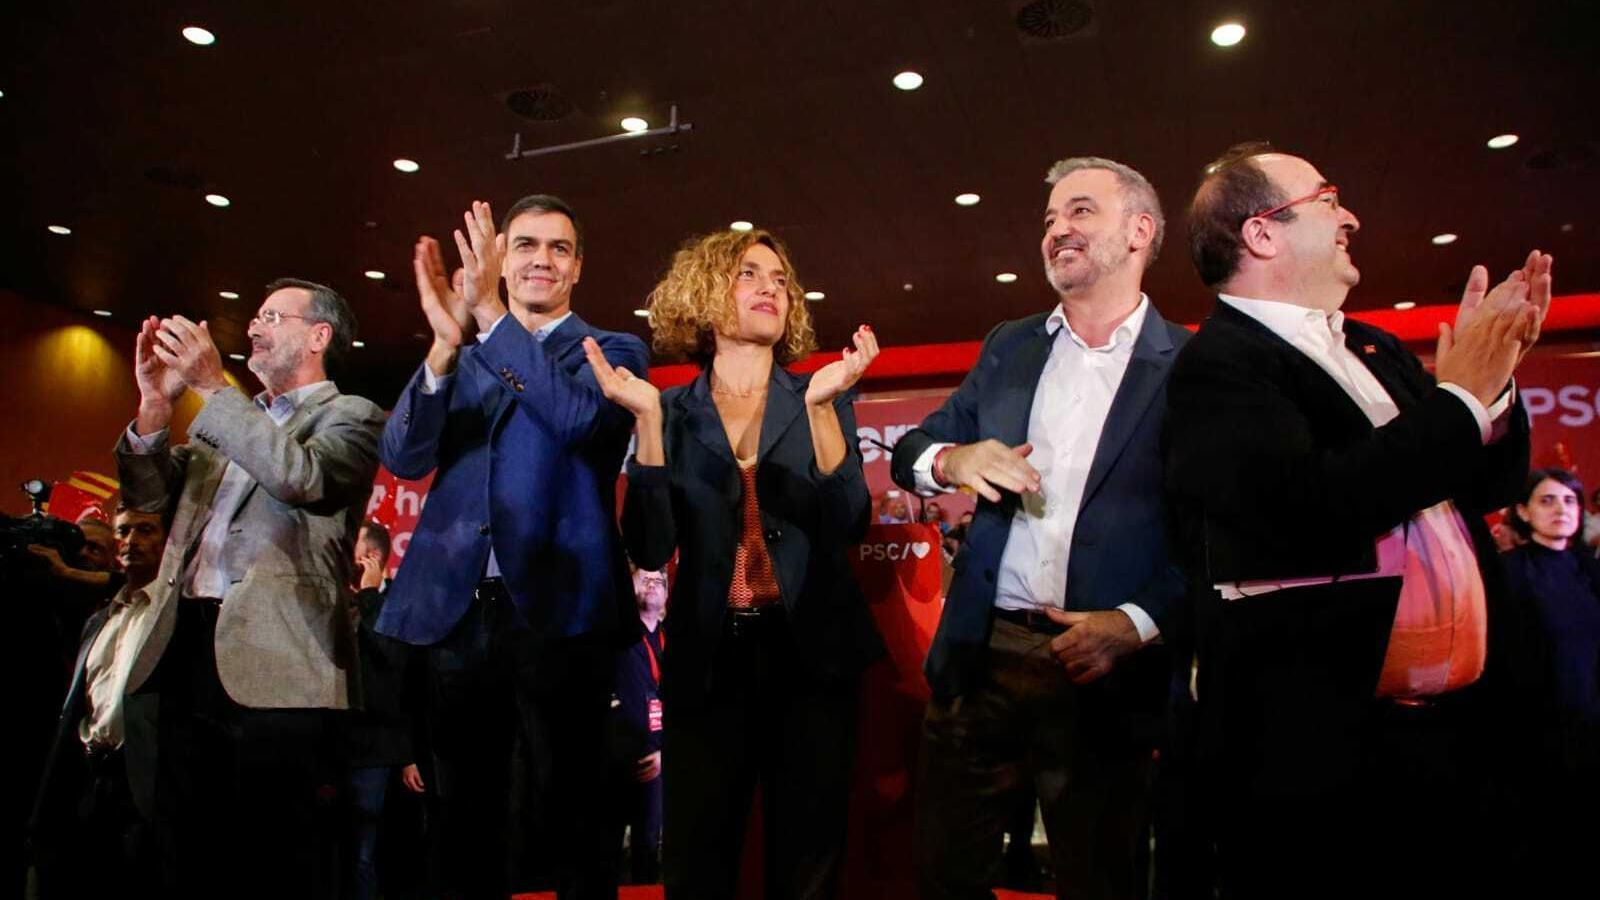 Manuel Cruz, Pedro Sánchez, Meritxell Batet, Jaume Collboni i Miquel Iceta, aquest dimecres al míting socialista